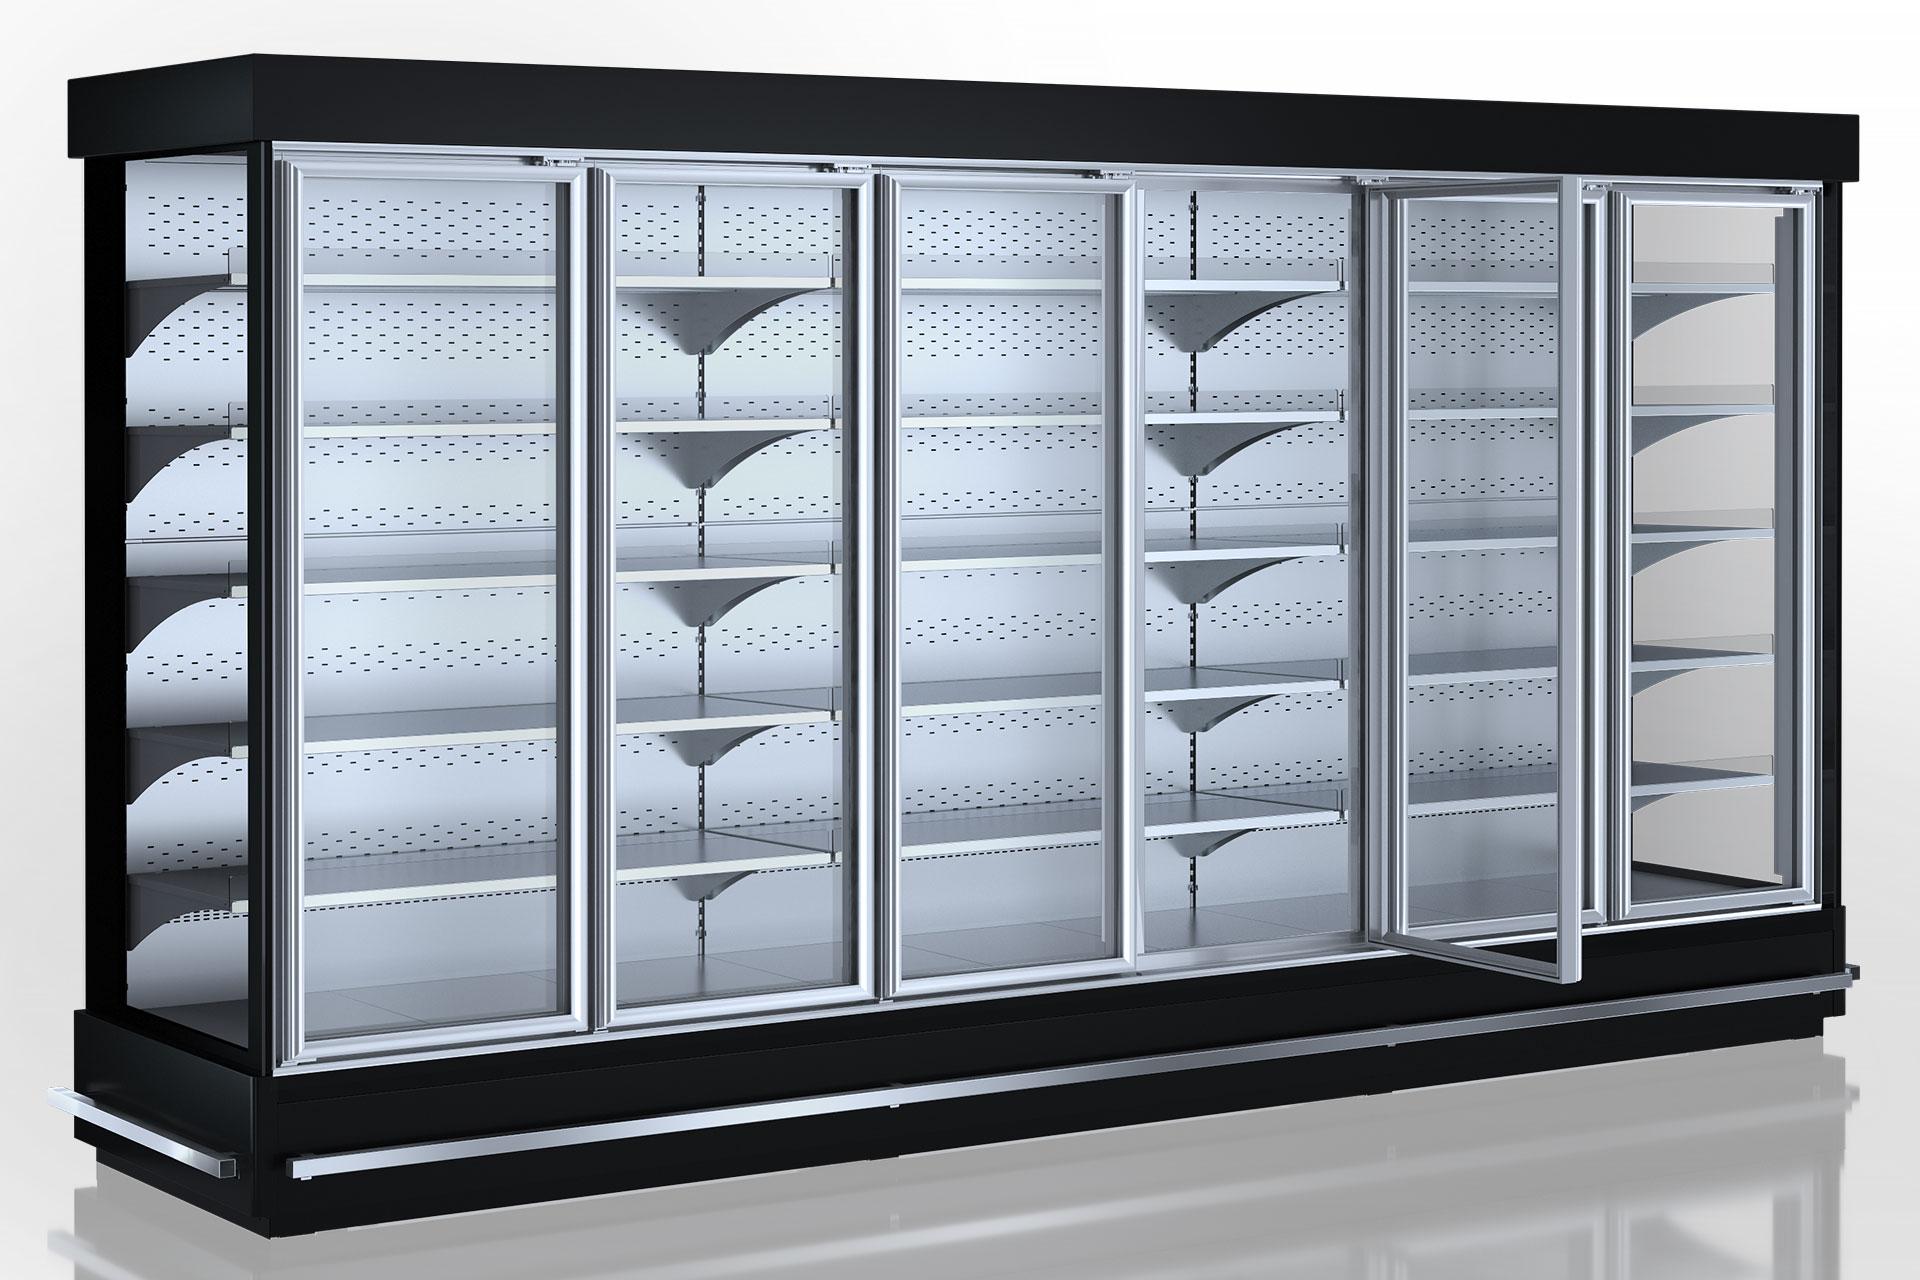 Multideck cabinet Indiana MV 070 MT D 205-DLM